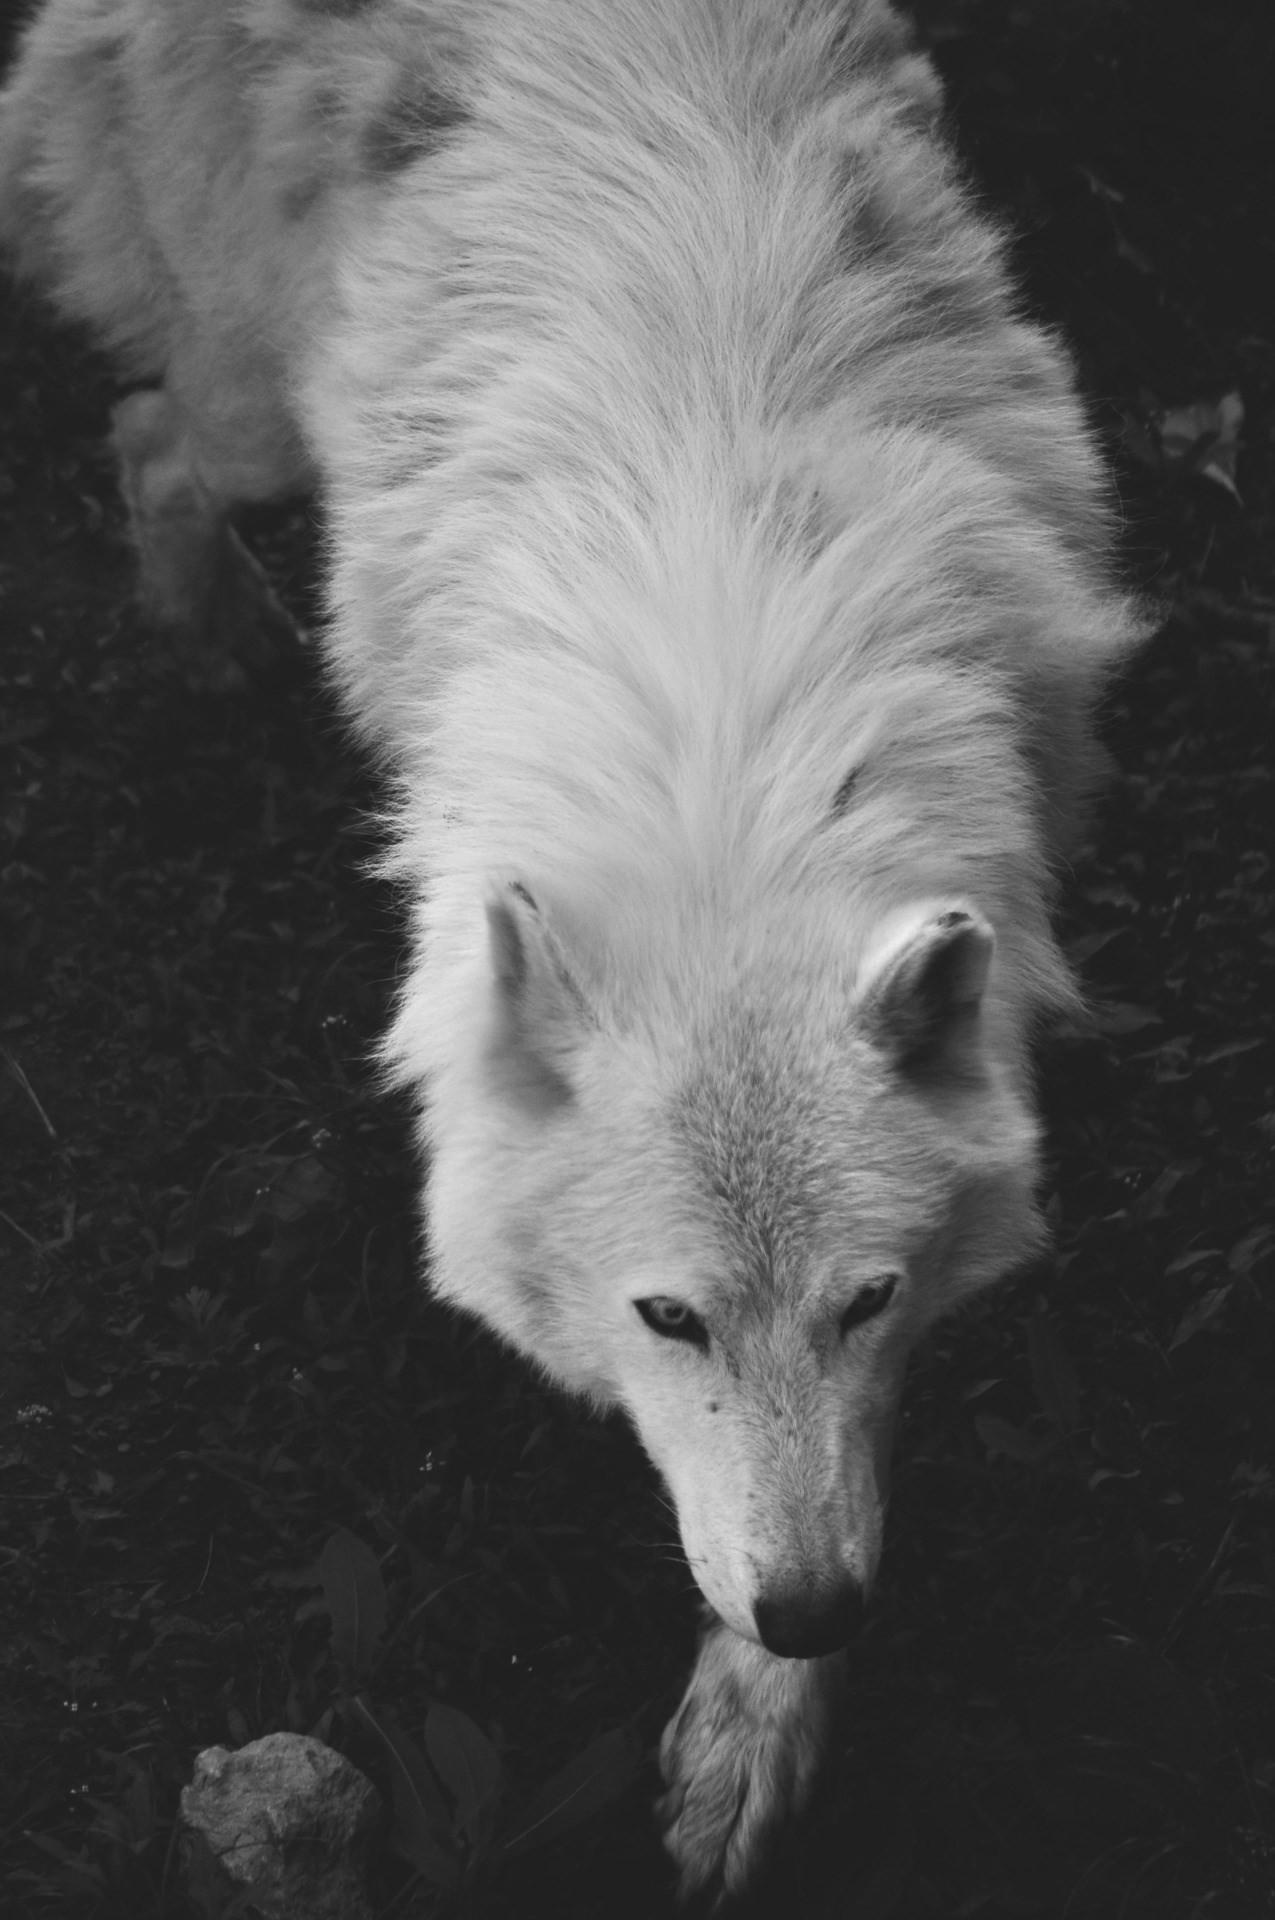 wolf wallpaper …